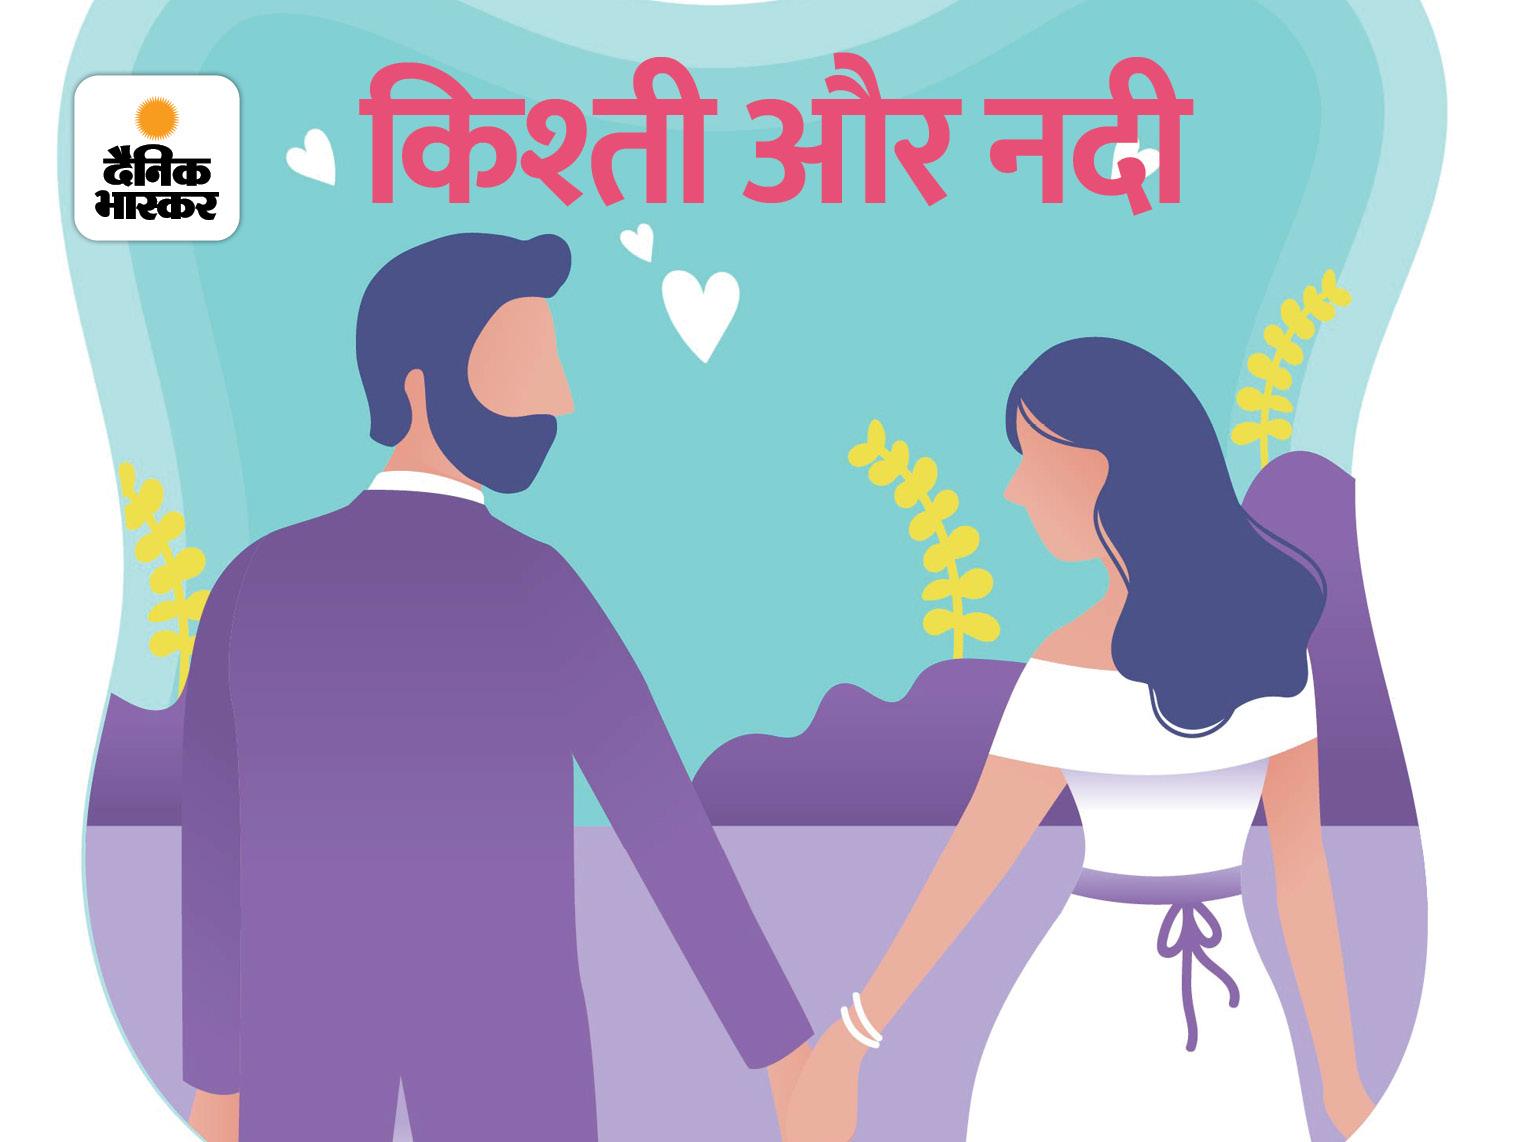 इठलाती, इतराती वह उसके चुंबकीय आकर्षण में बंधी यह भूल गई थी कि प्यार बेशक कर ले, पर प्यार की डोर को वह ऊंचे आसमान तक नहीं ले जा पाएगी|कहानी,Story - Dainik Bhaskar